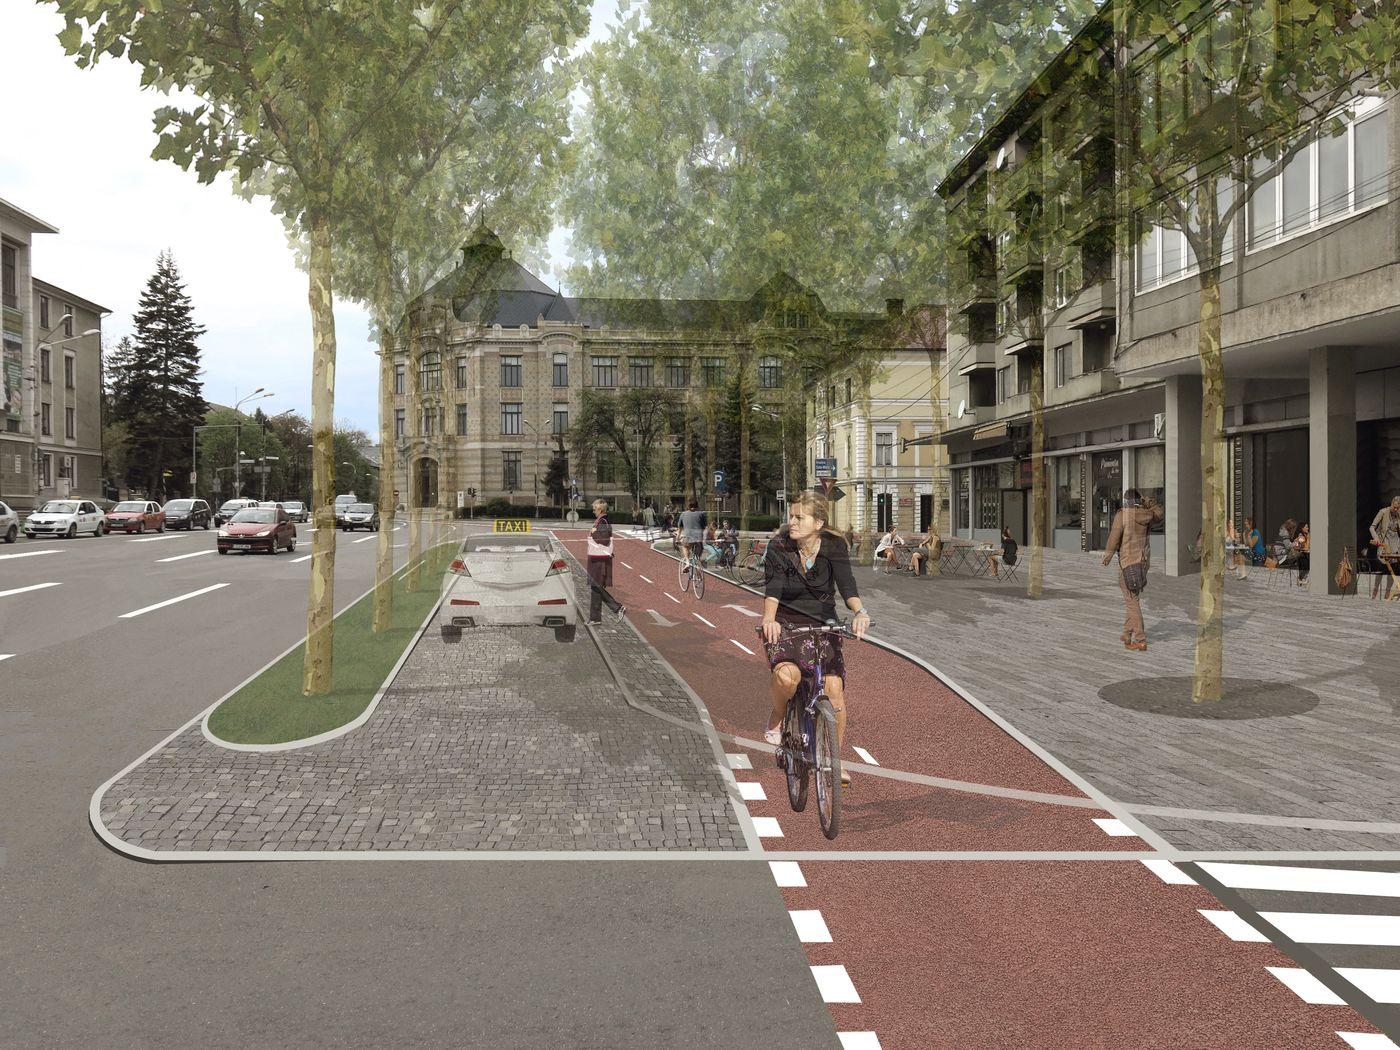 Piața Lucian Blaga după reabilitare: crește calitatea spațiului, se extinde zona pietonală și se creează o nouă pistă de biciclete. Sursă: Planwerk.